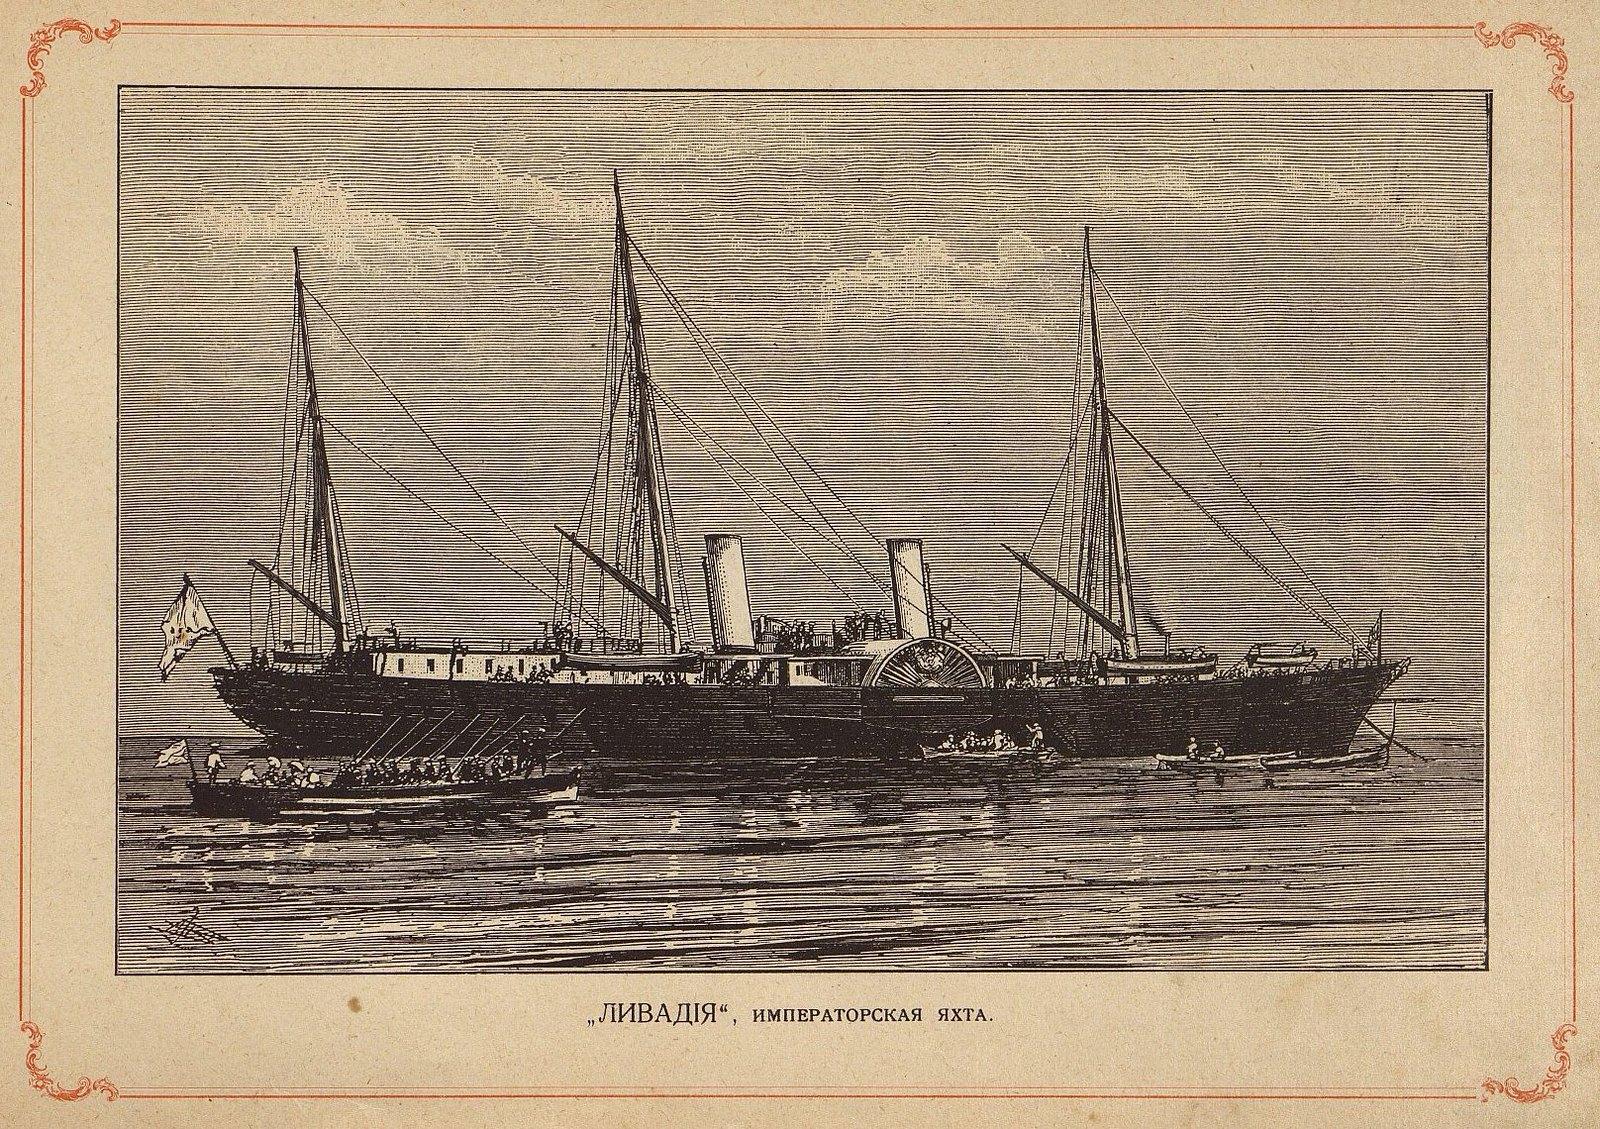 Императорская яхта «Ливадия»